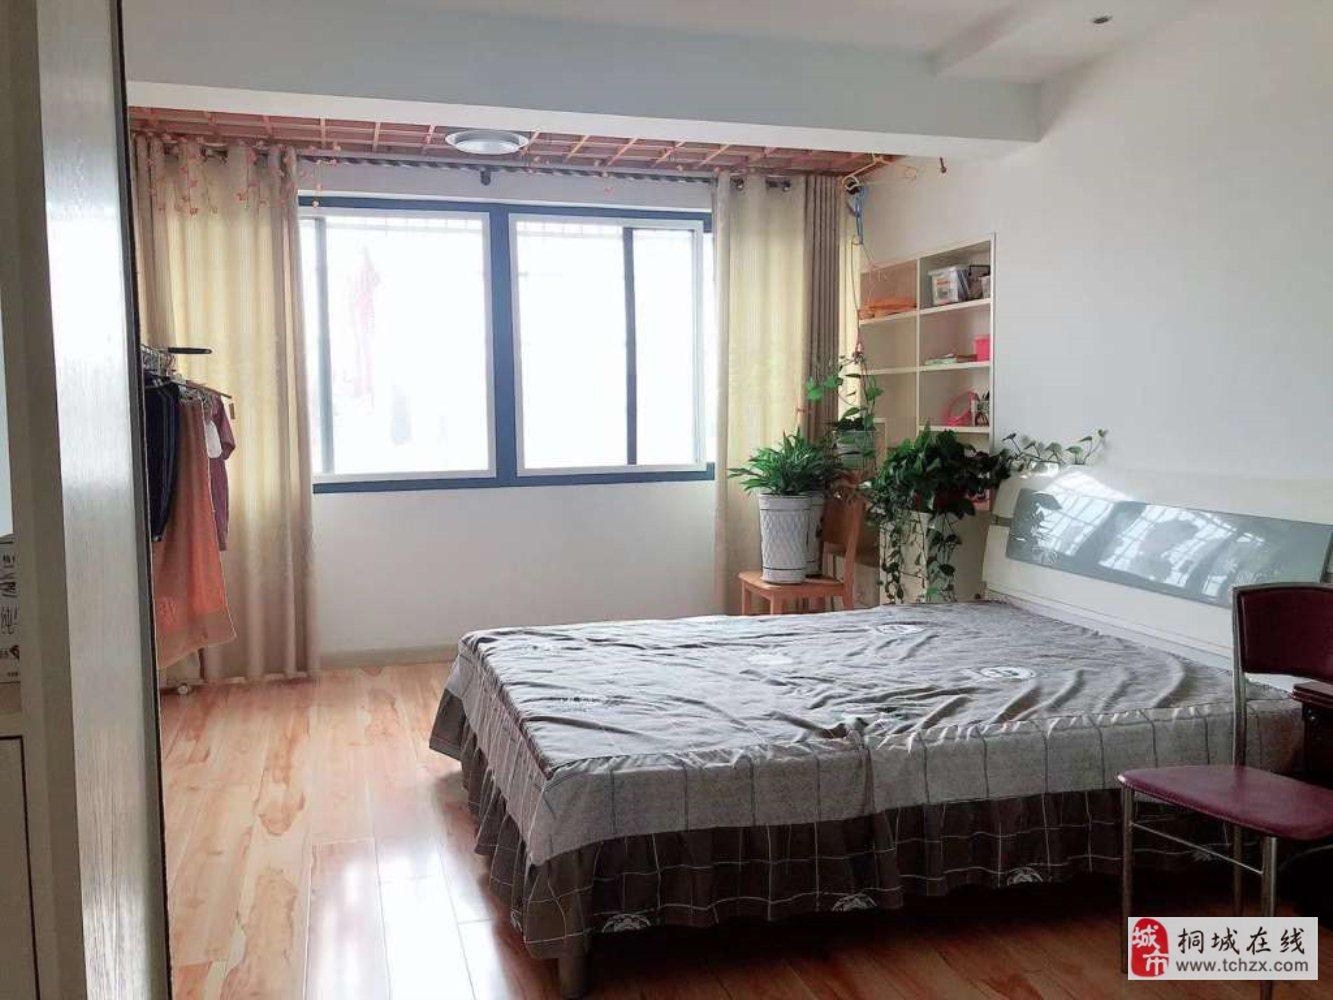 云鼎公寓3室2厅2卫60万元急急急